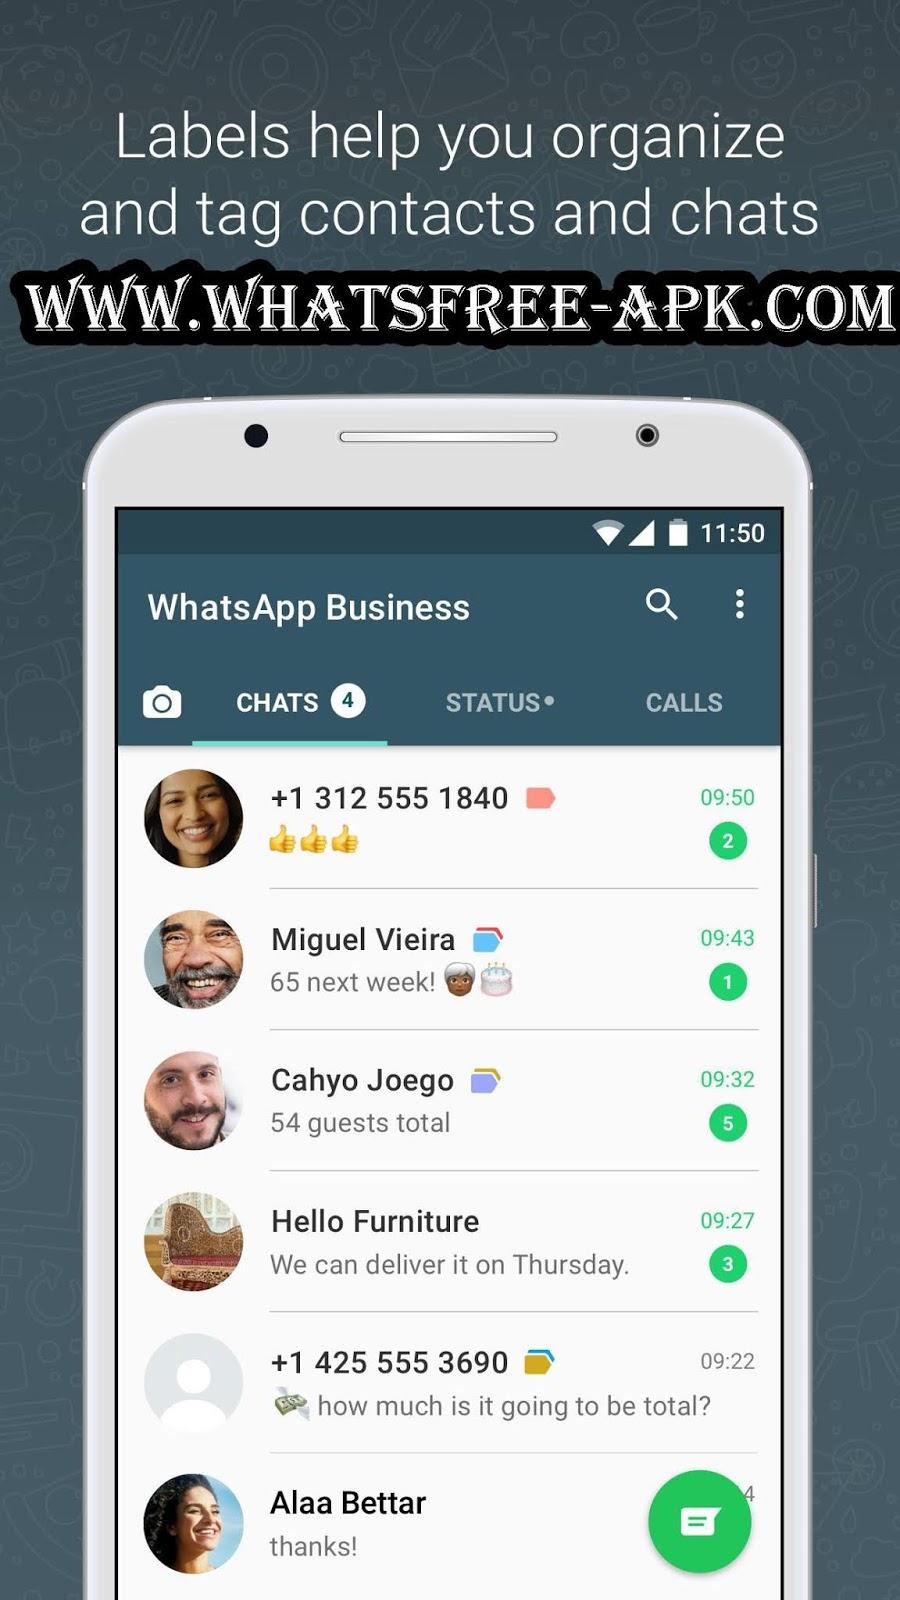 تحميل واتساب بزنس الجديد مجانا 2020 whatsapp business